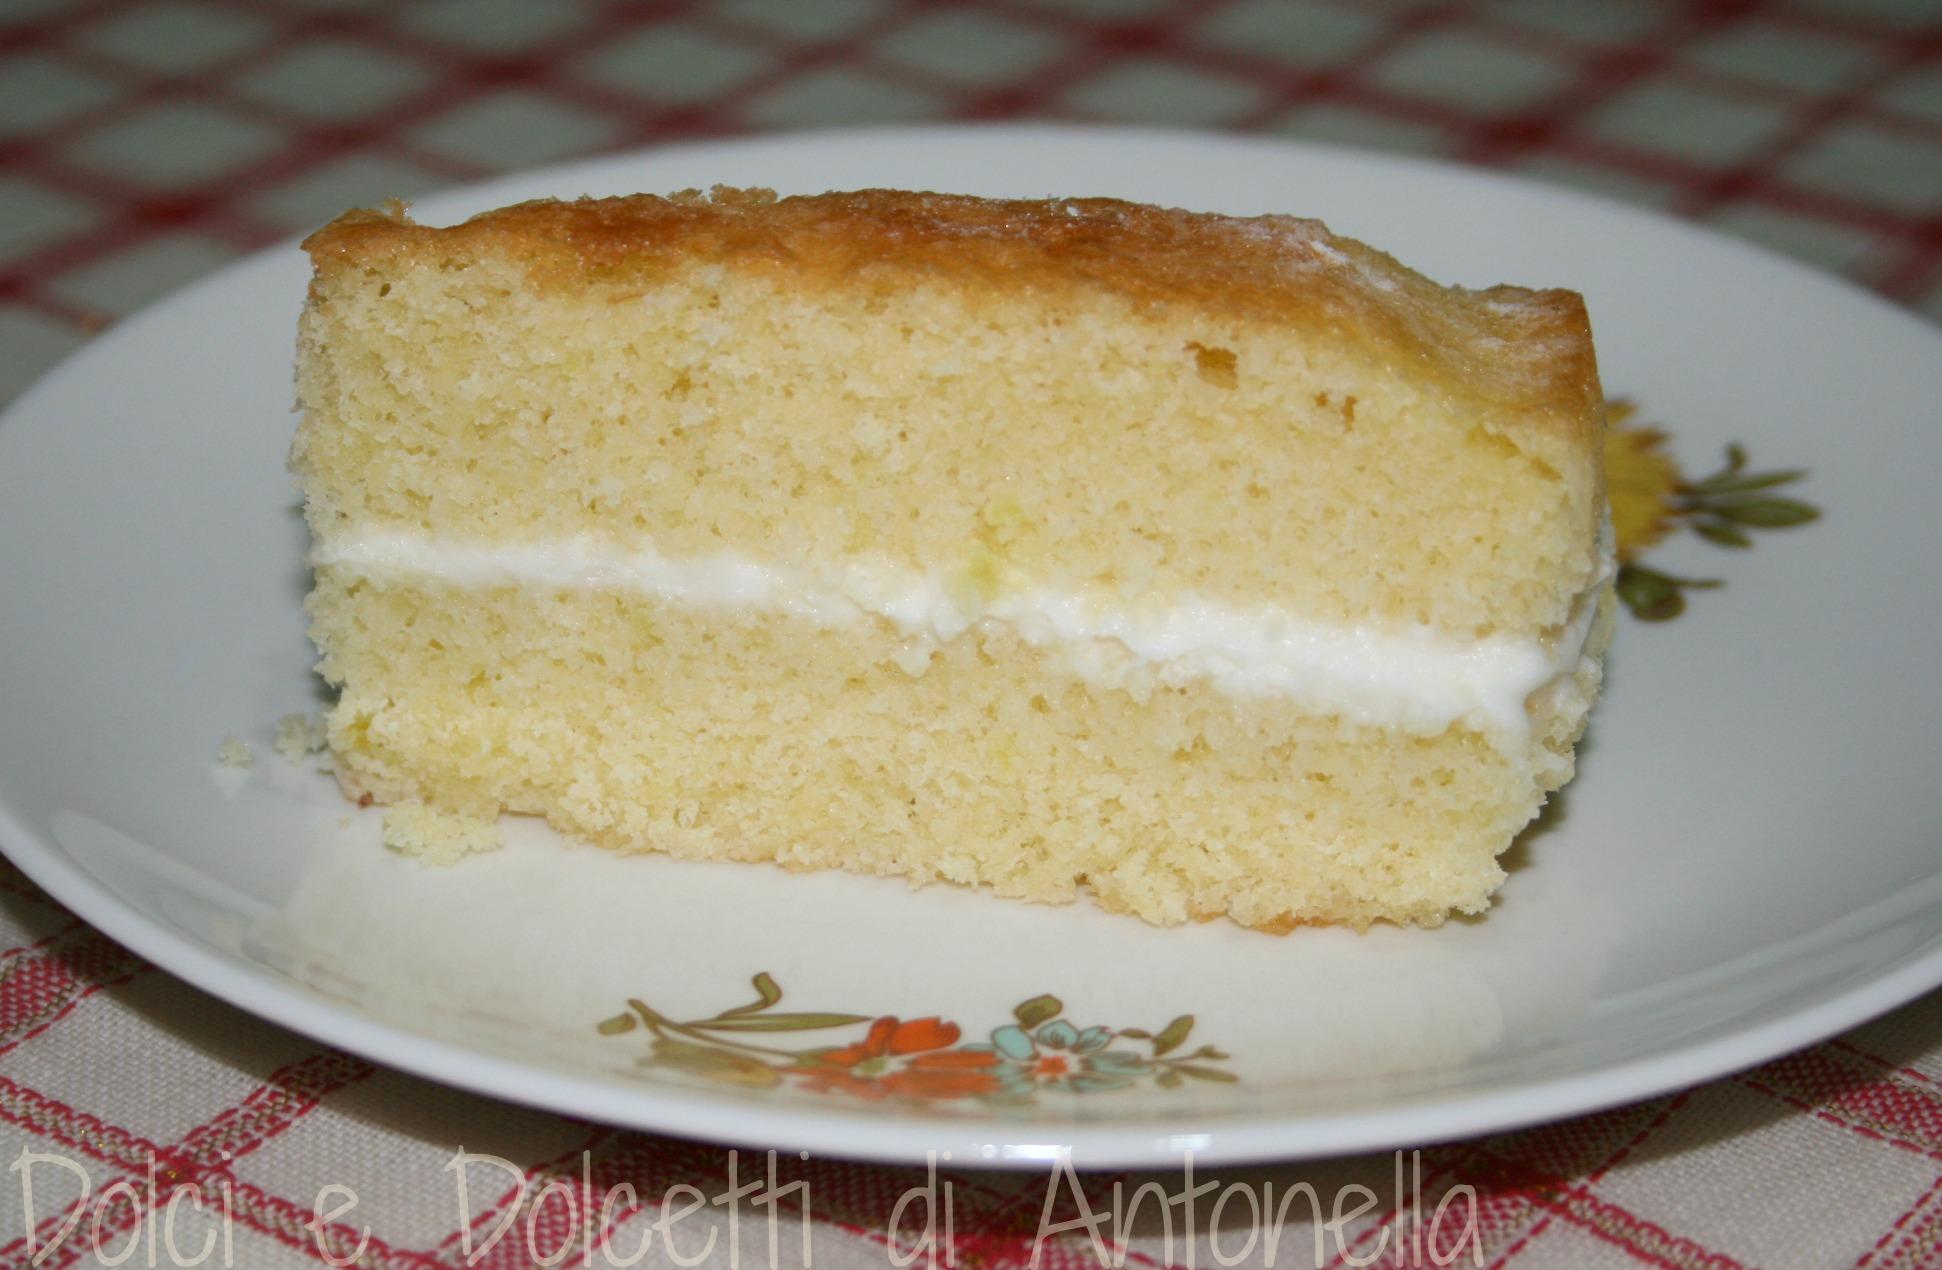 Ricetta crema al latte per torta paradiso